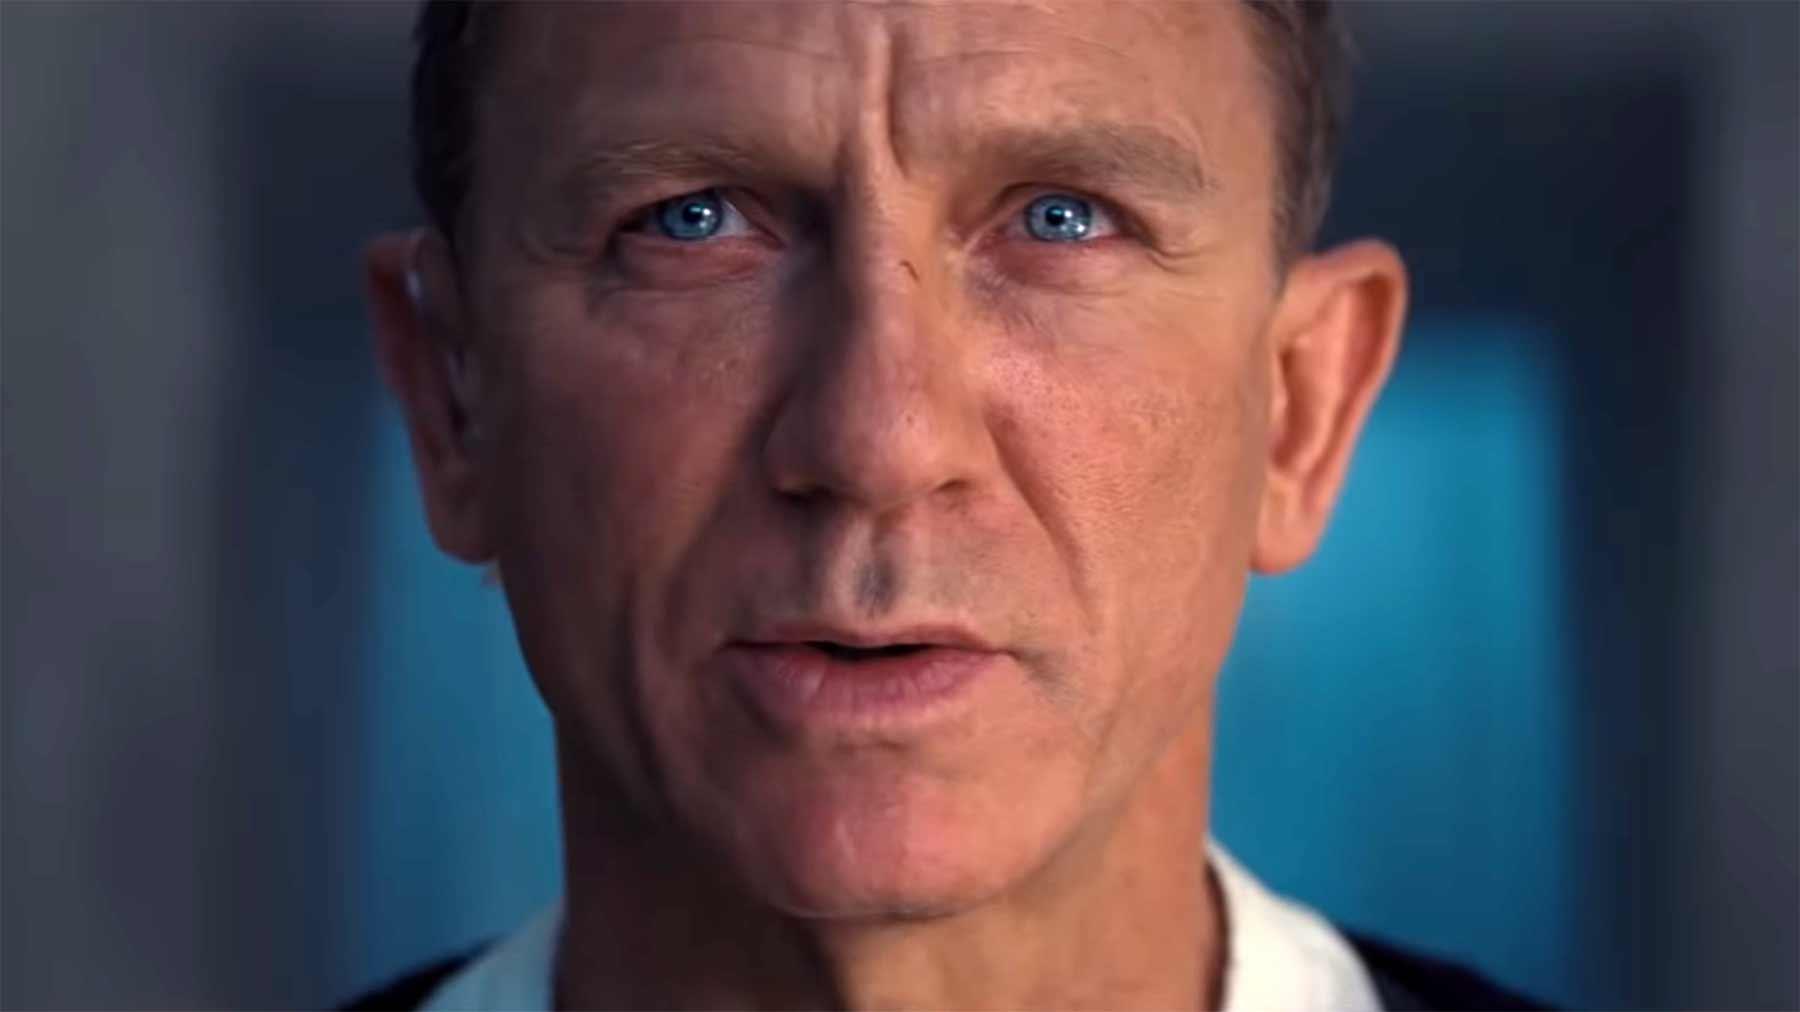 """Trailer zum neuen James Bond 007-Film """"Keine Zeit zu sterben"""" (""""No Time to Die"""") james-bond-007-film-keine-zeit-zu-sterben-trailer"""